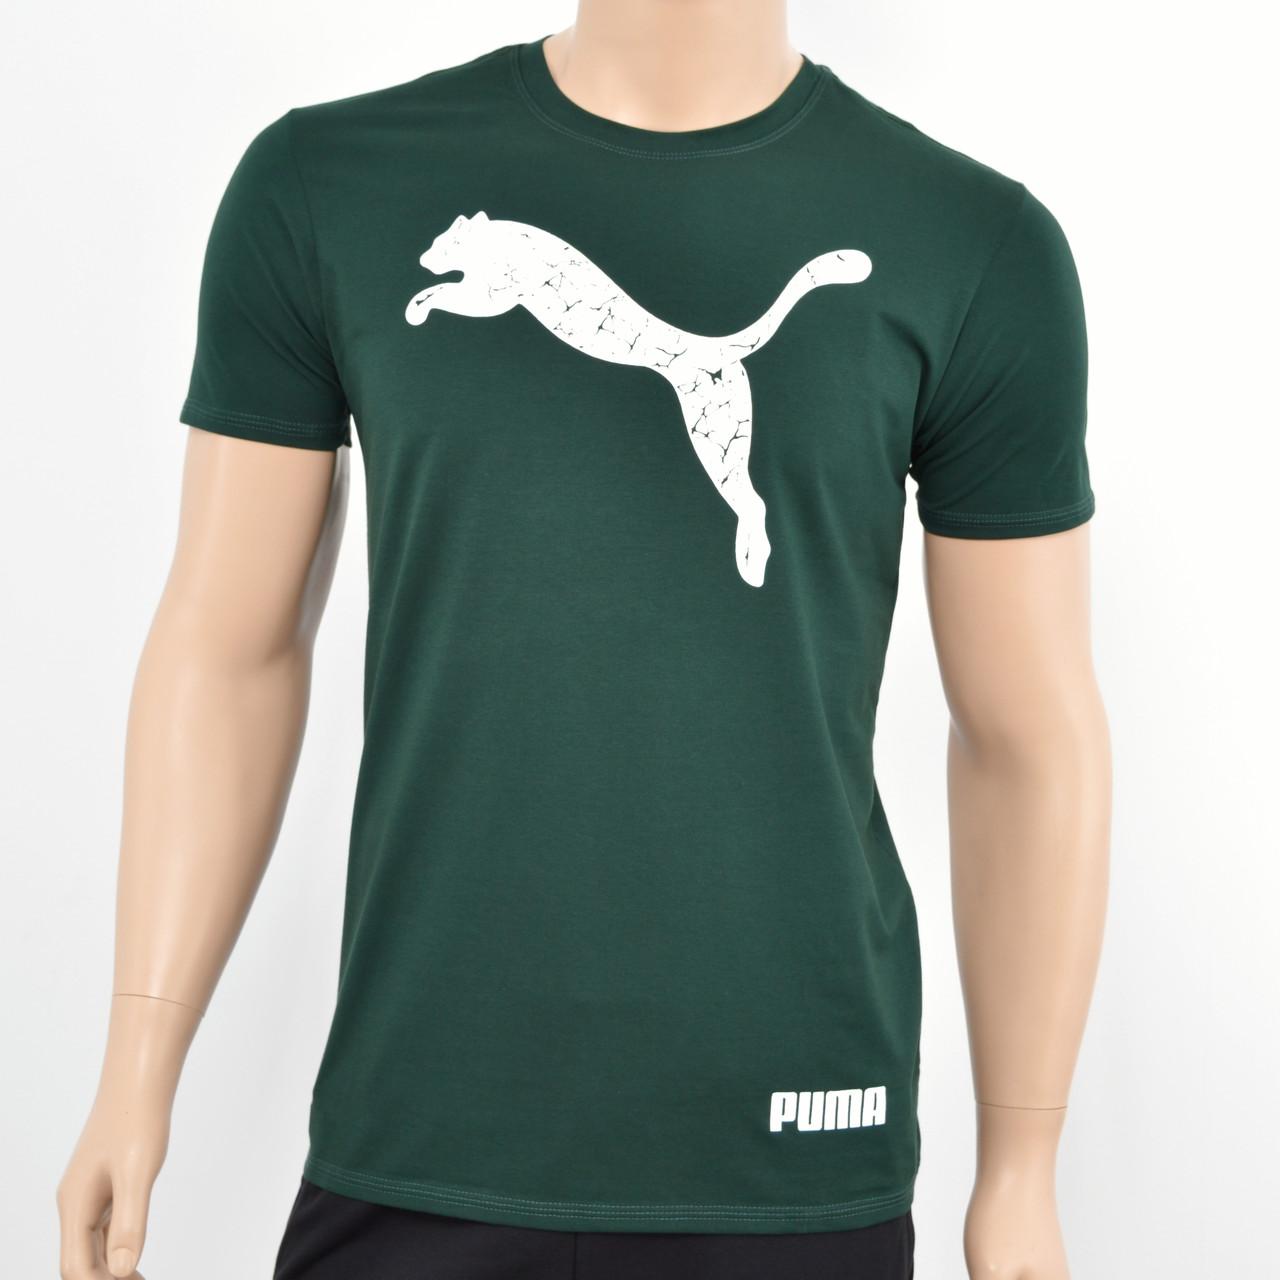 Мужская футболка Puma(реплика) Бутылка